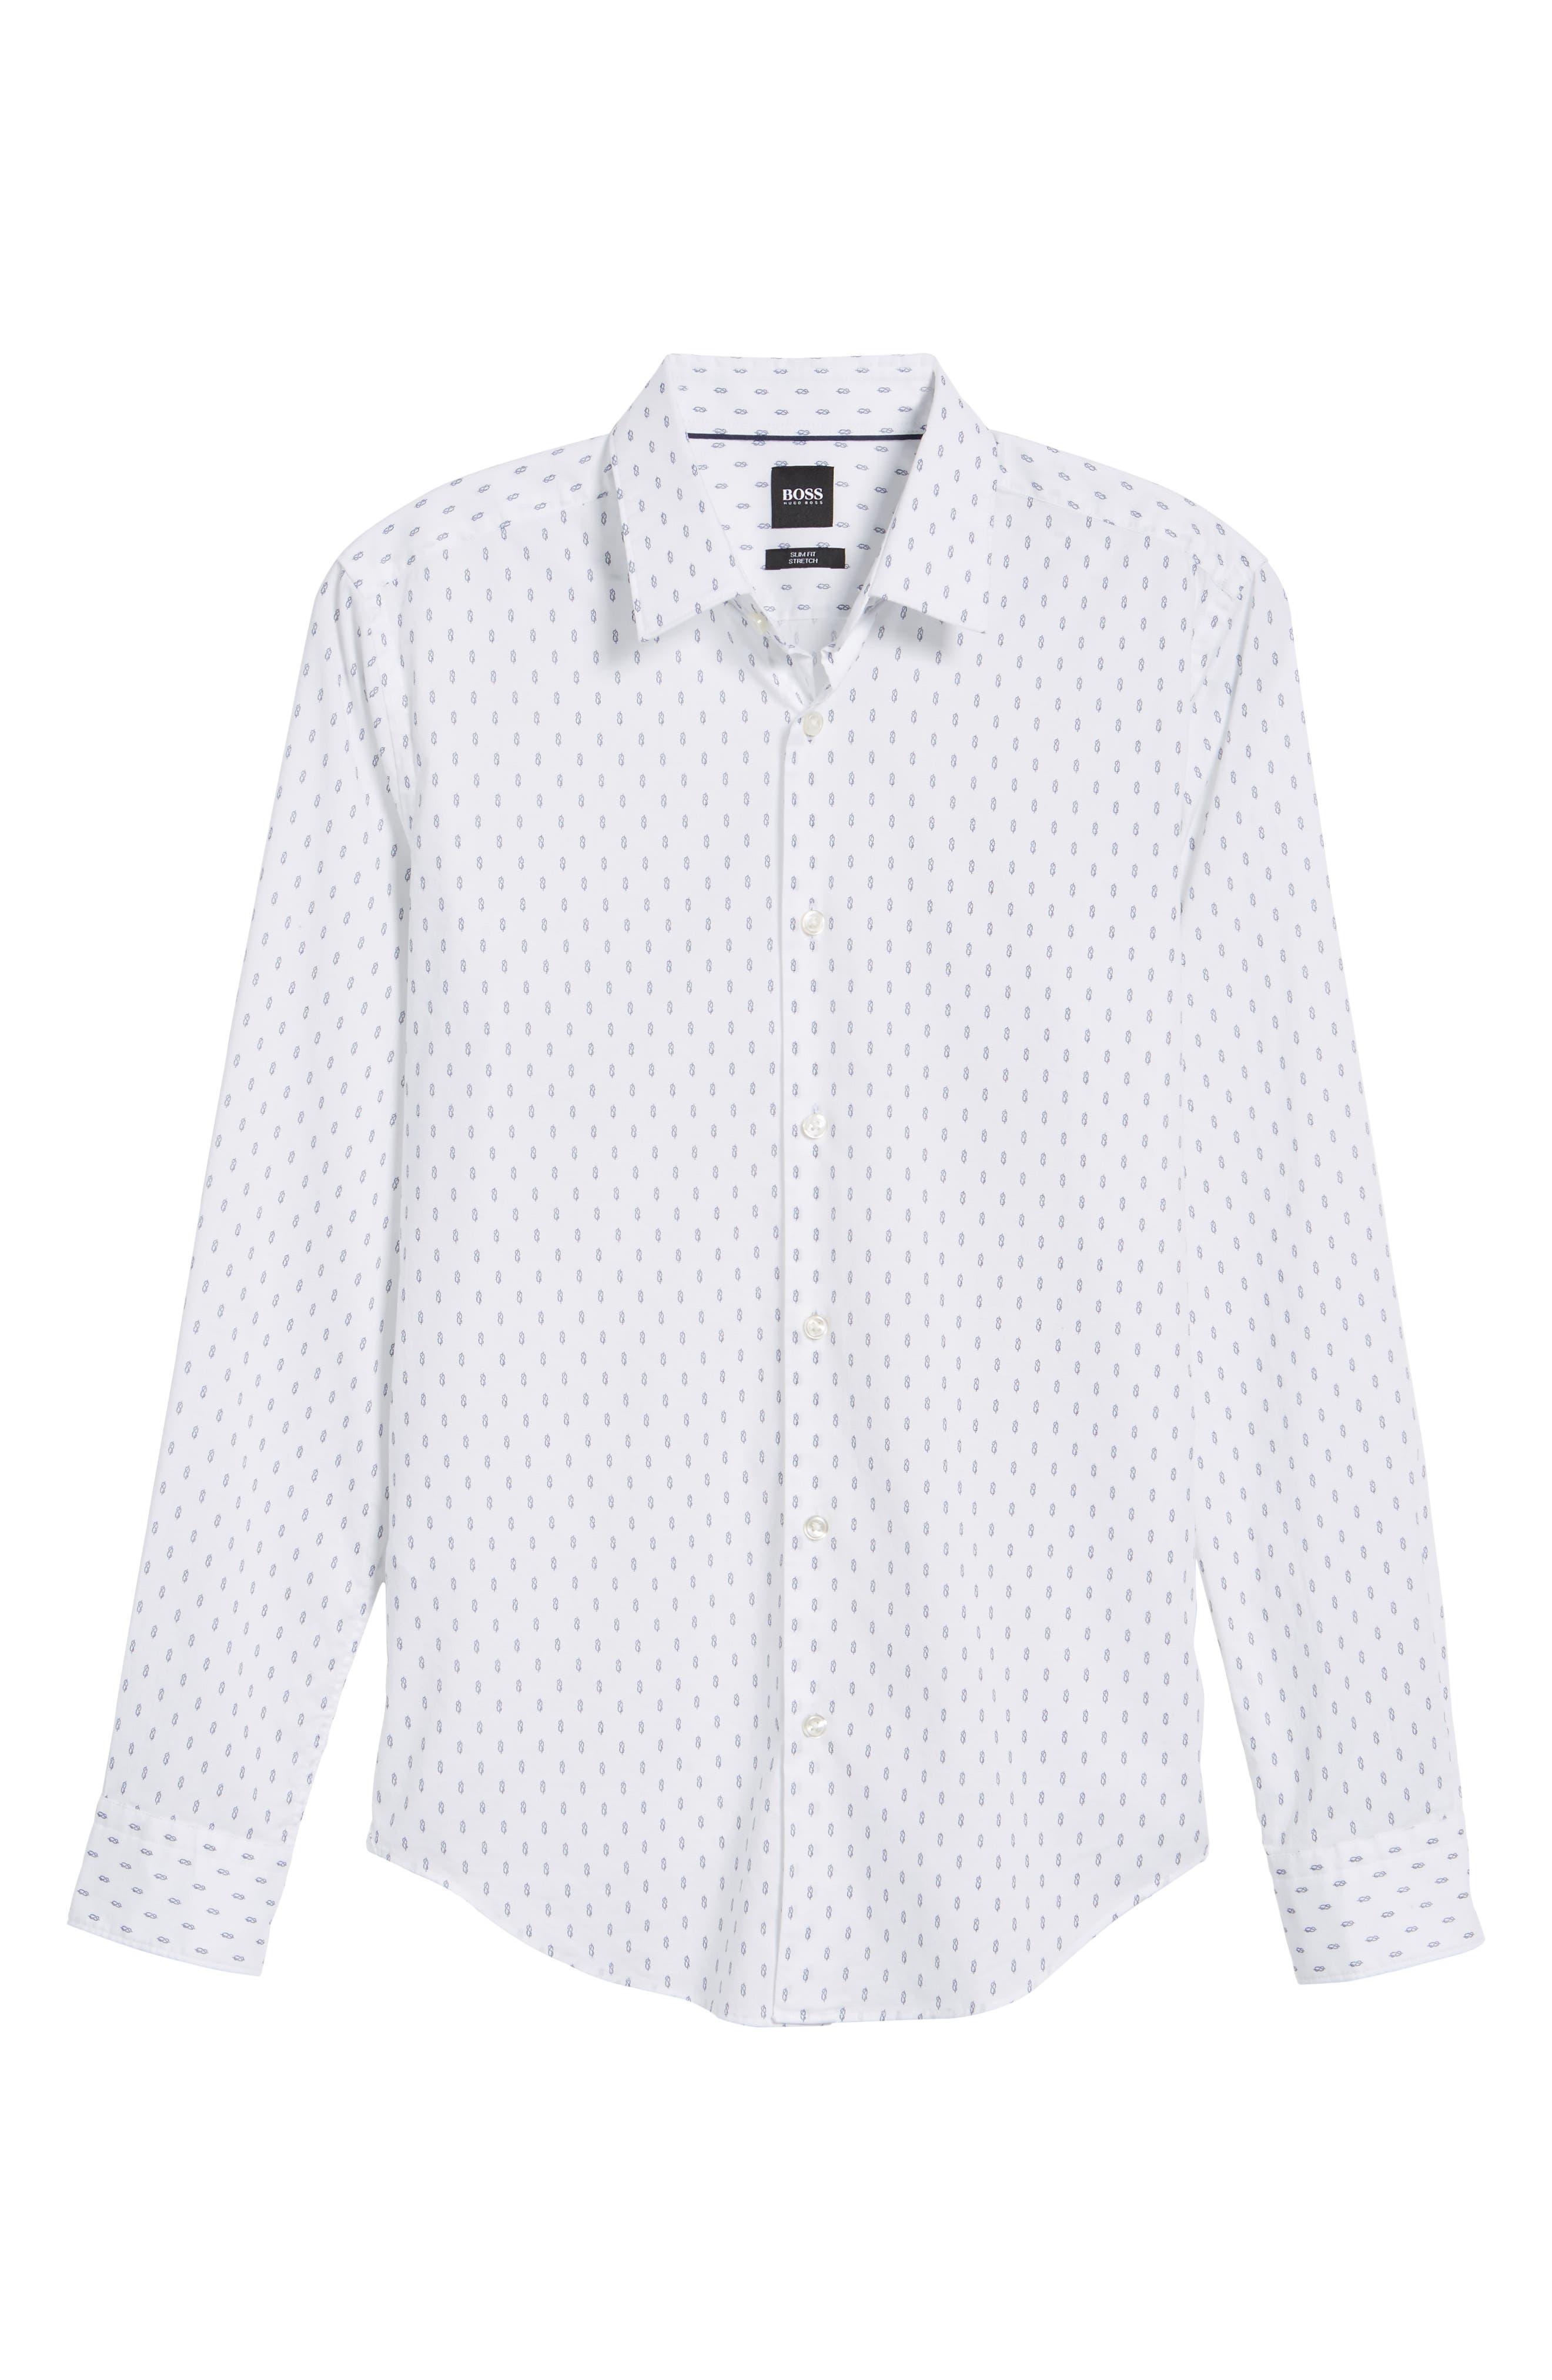 Ronni Slim Fit Print Sport Shirt,                             Alternate thumbnail 6, color,